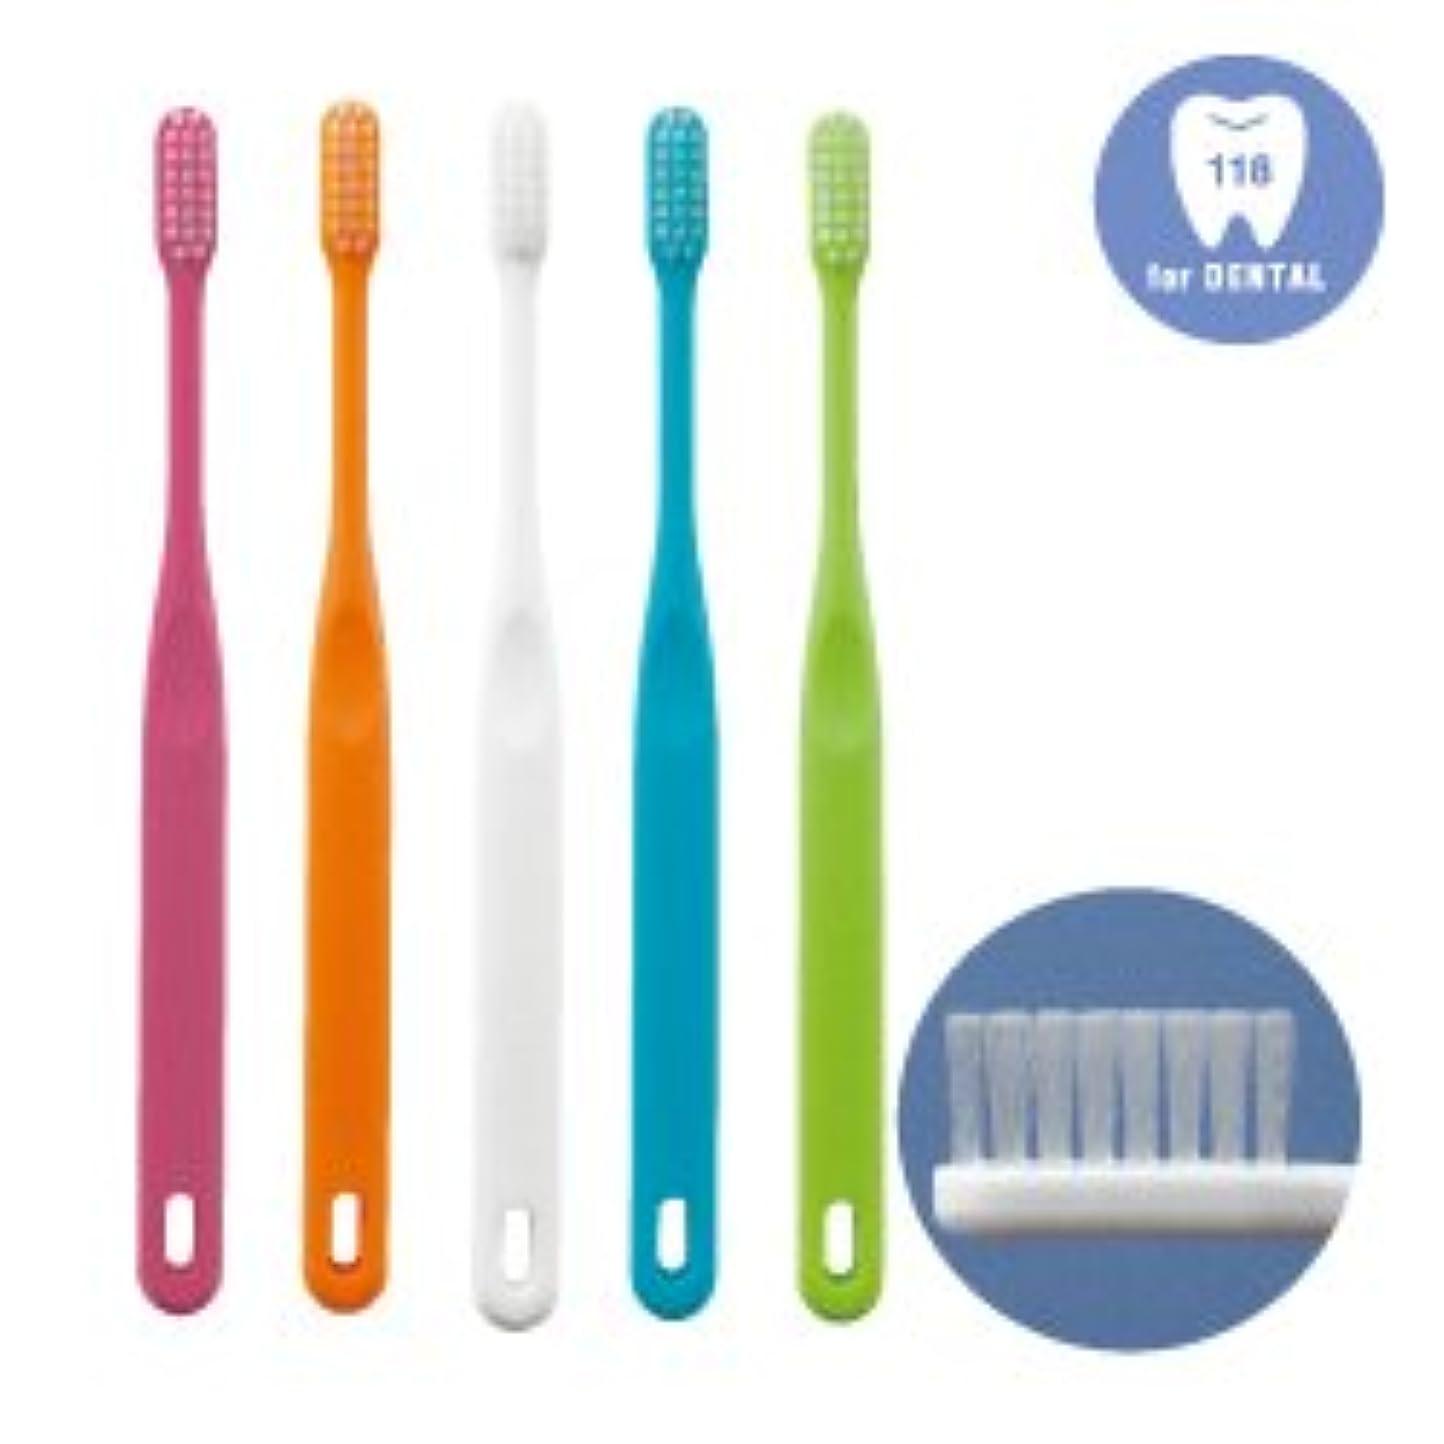 味方デコードする寝る歯科専用歯ブラシ「118シリーズ」Advance(アドバンス)M(ふつう)25本